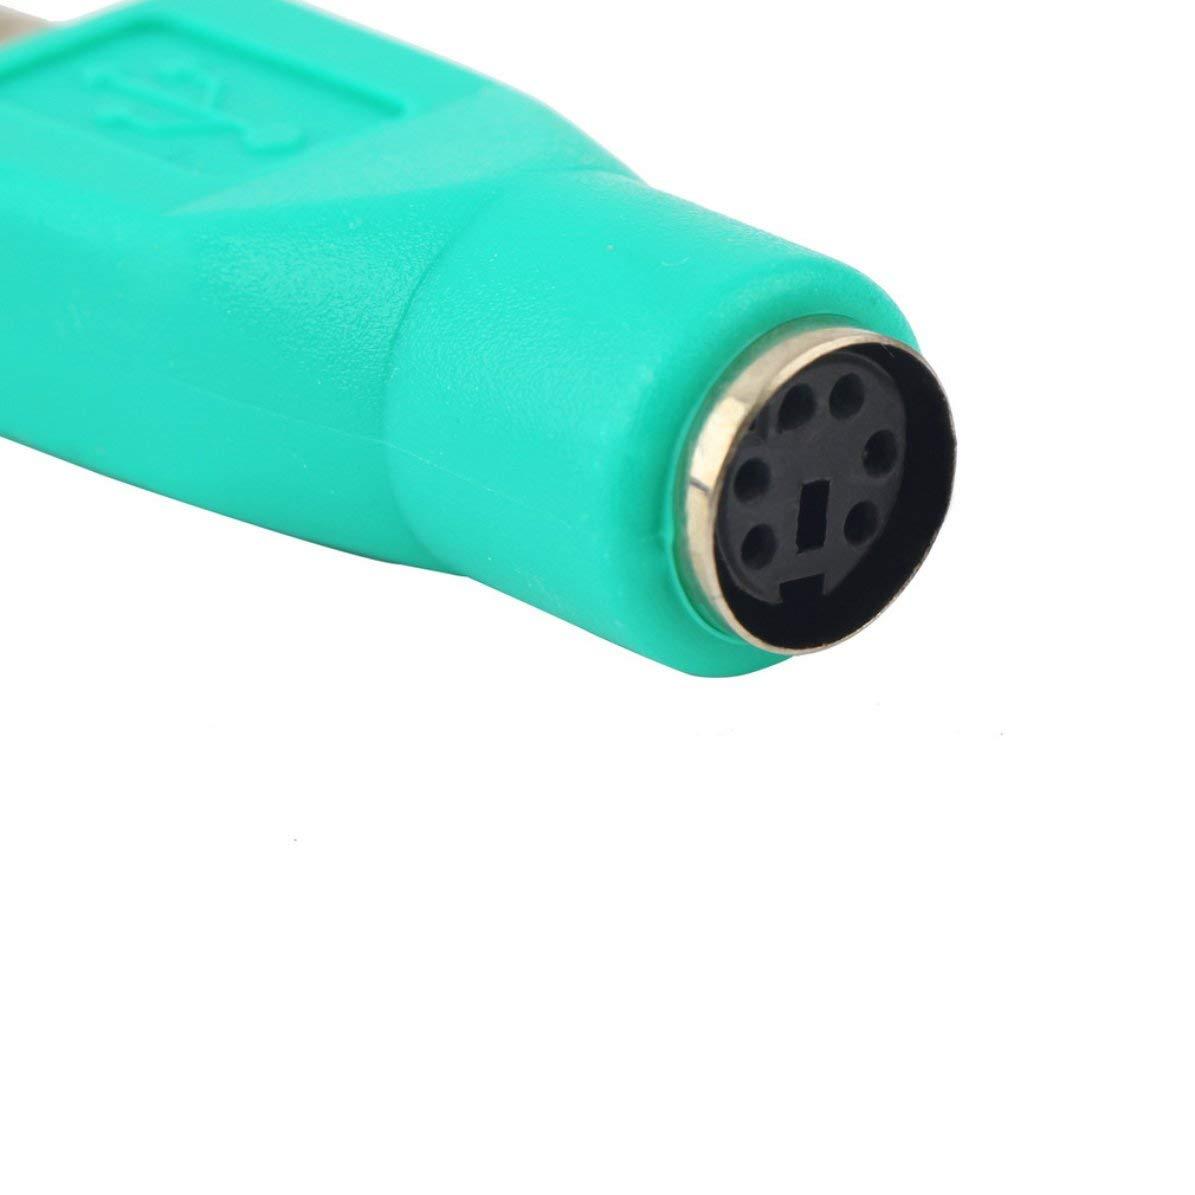 Leggero Pratico USB Maschio per PS2 Femmina Adattatore Cavo convertitore per Computer PC Notebook Portatile Tastiera Mouse